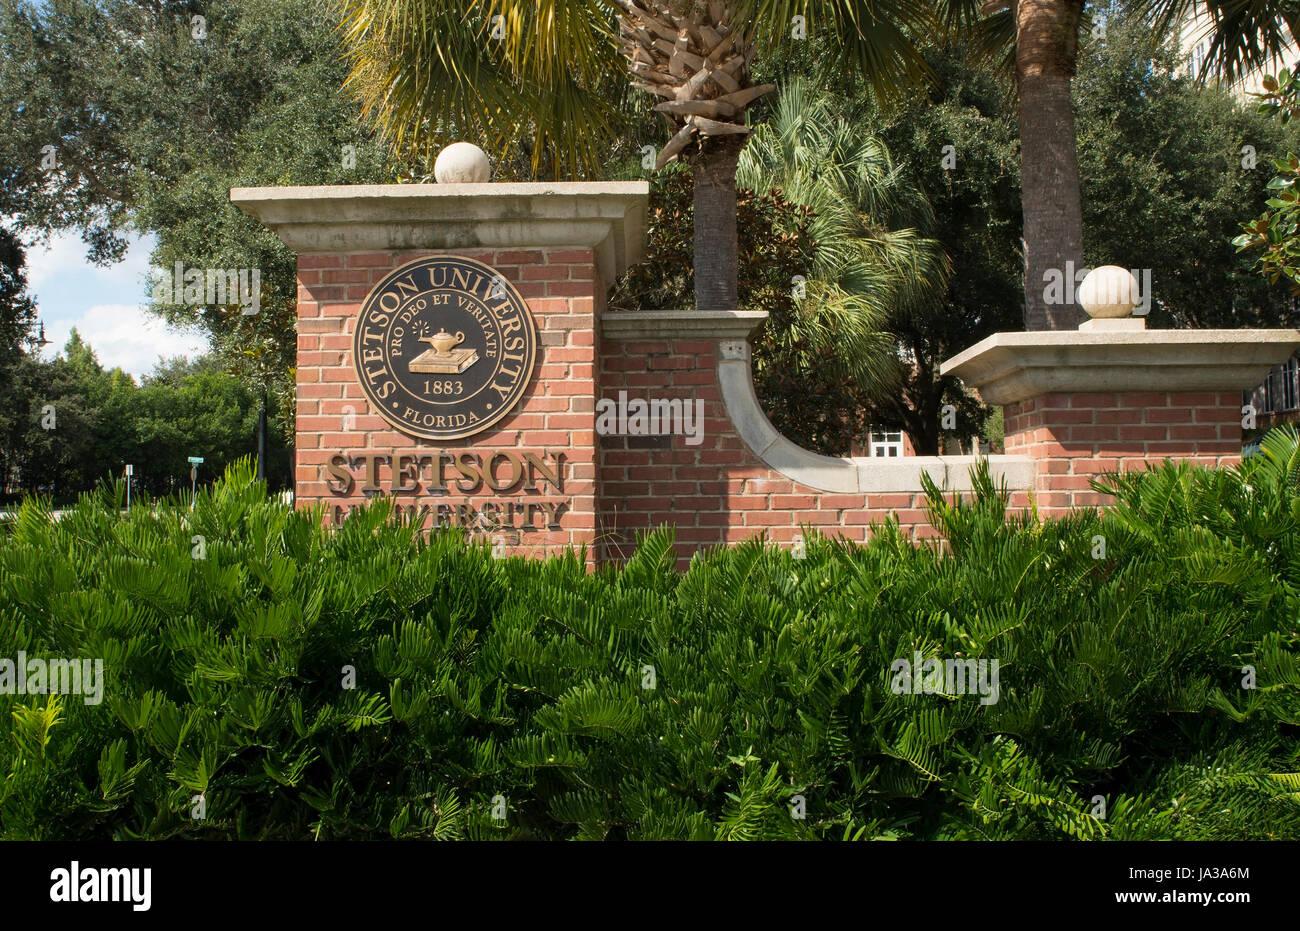 Deland Florida Stetson University college dans une petite ville de l'éducation, Banque D'Images